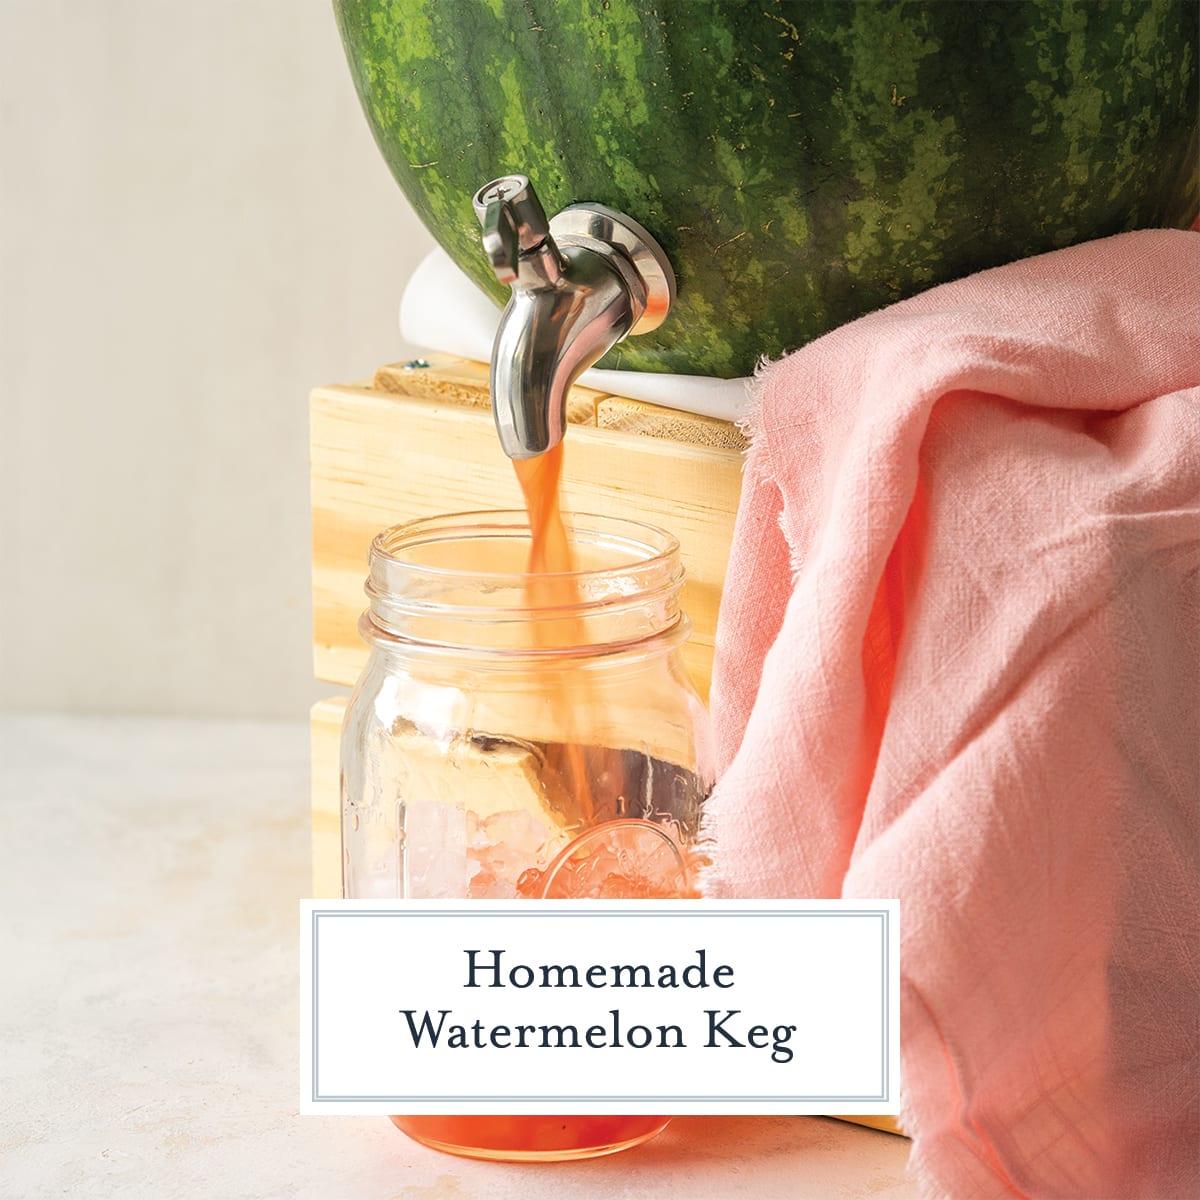 juice flowing from a watermelon keg